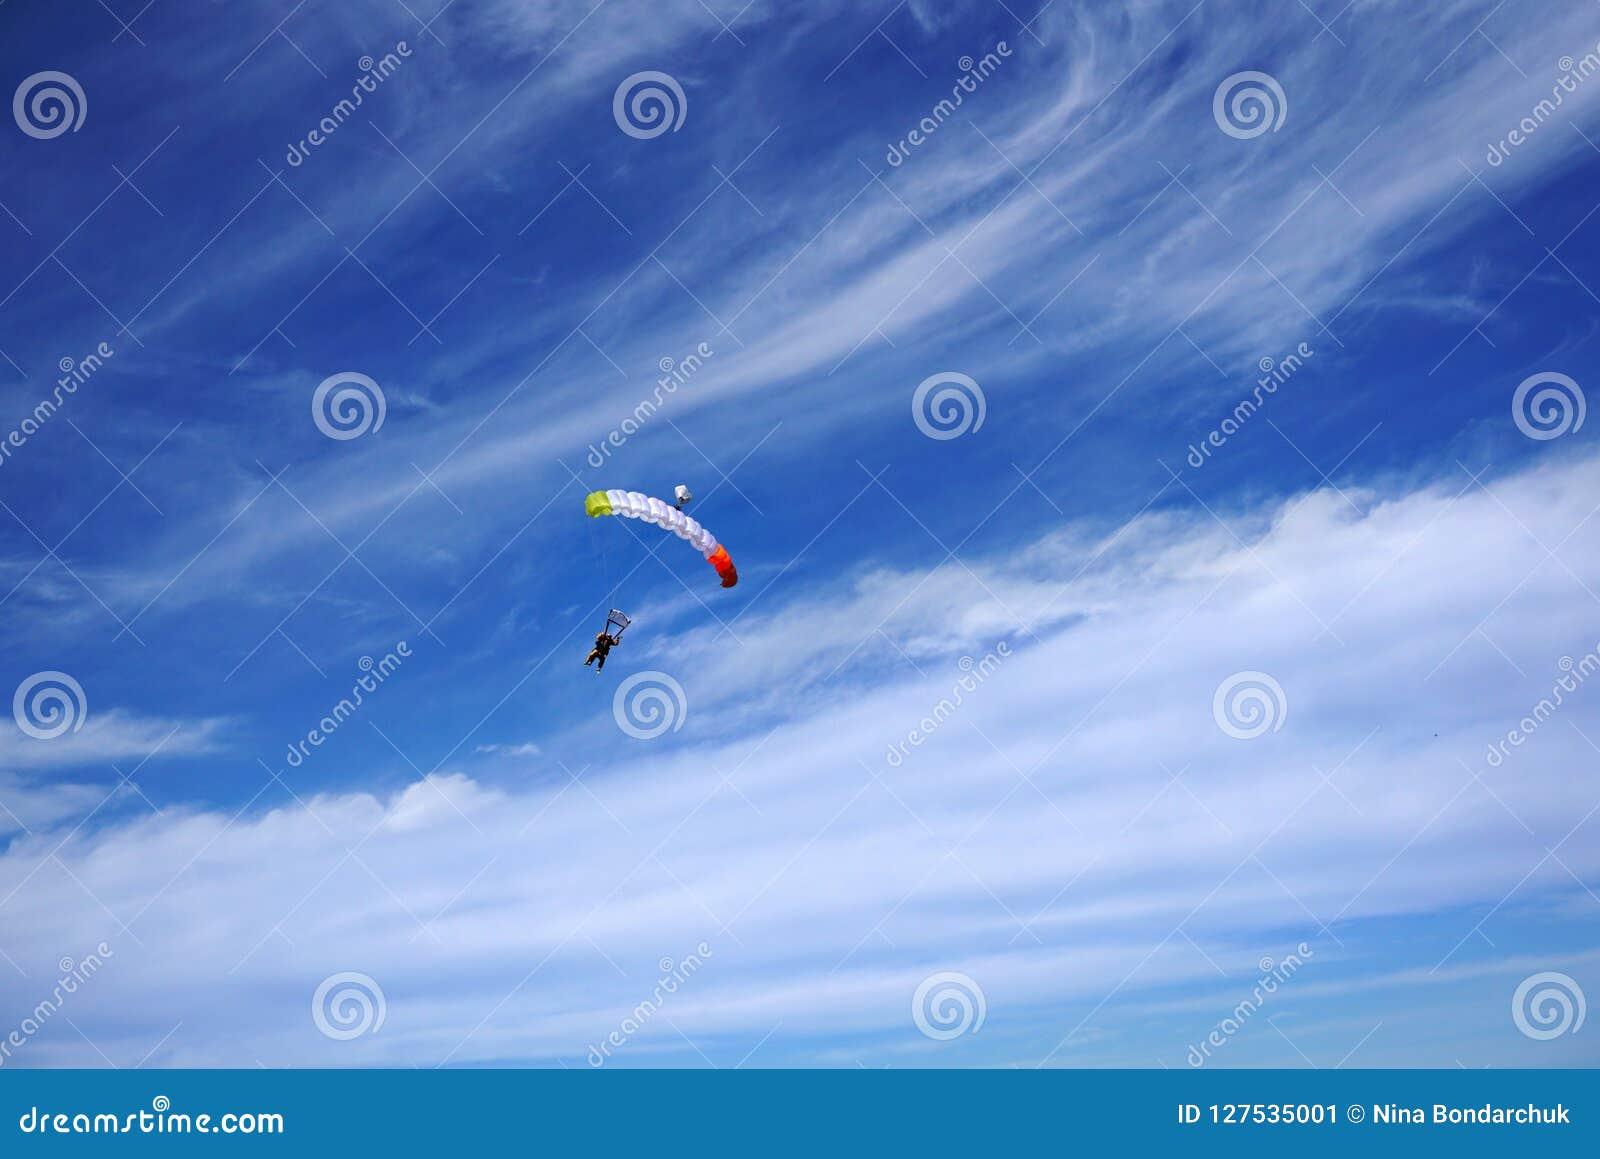 Dossel em tandem da cor brilhante com dois skydivers As ligações em ponte são flyin